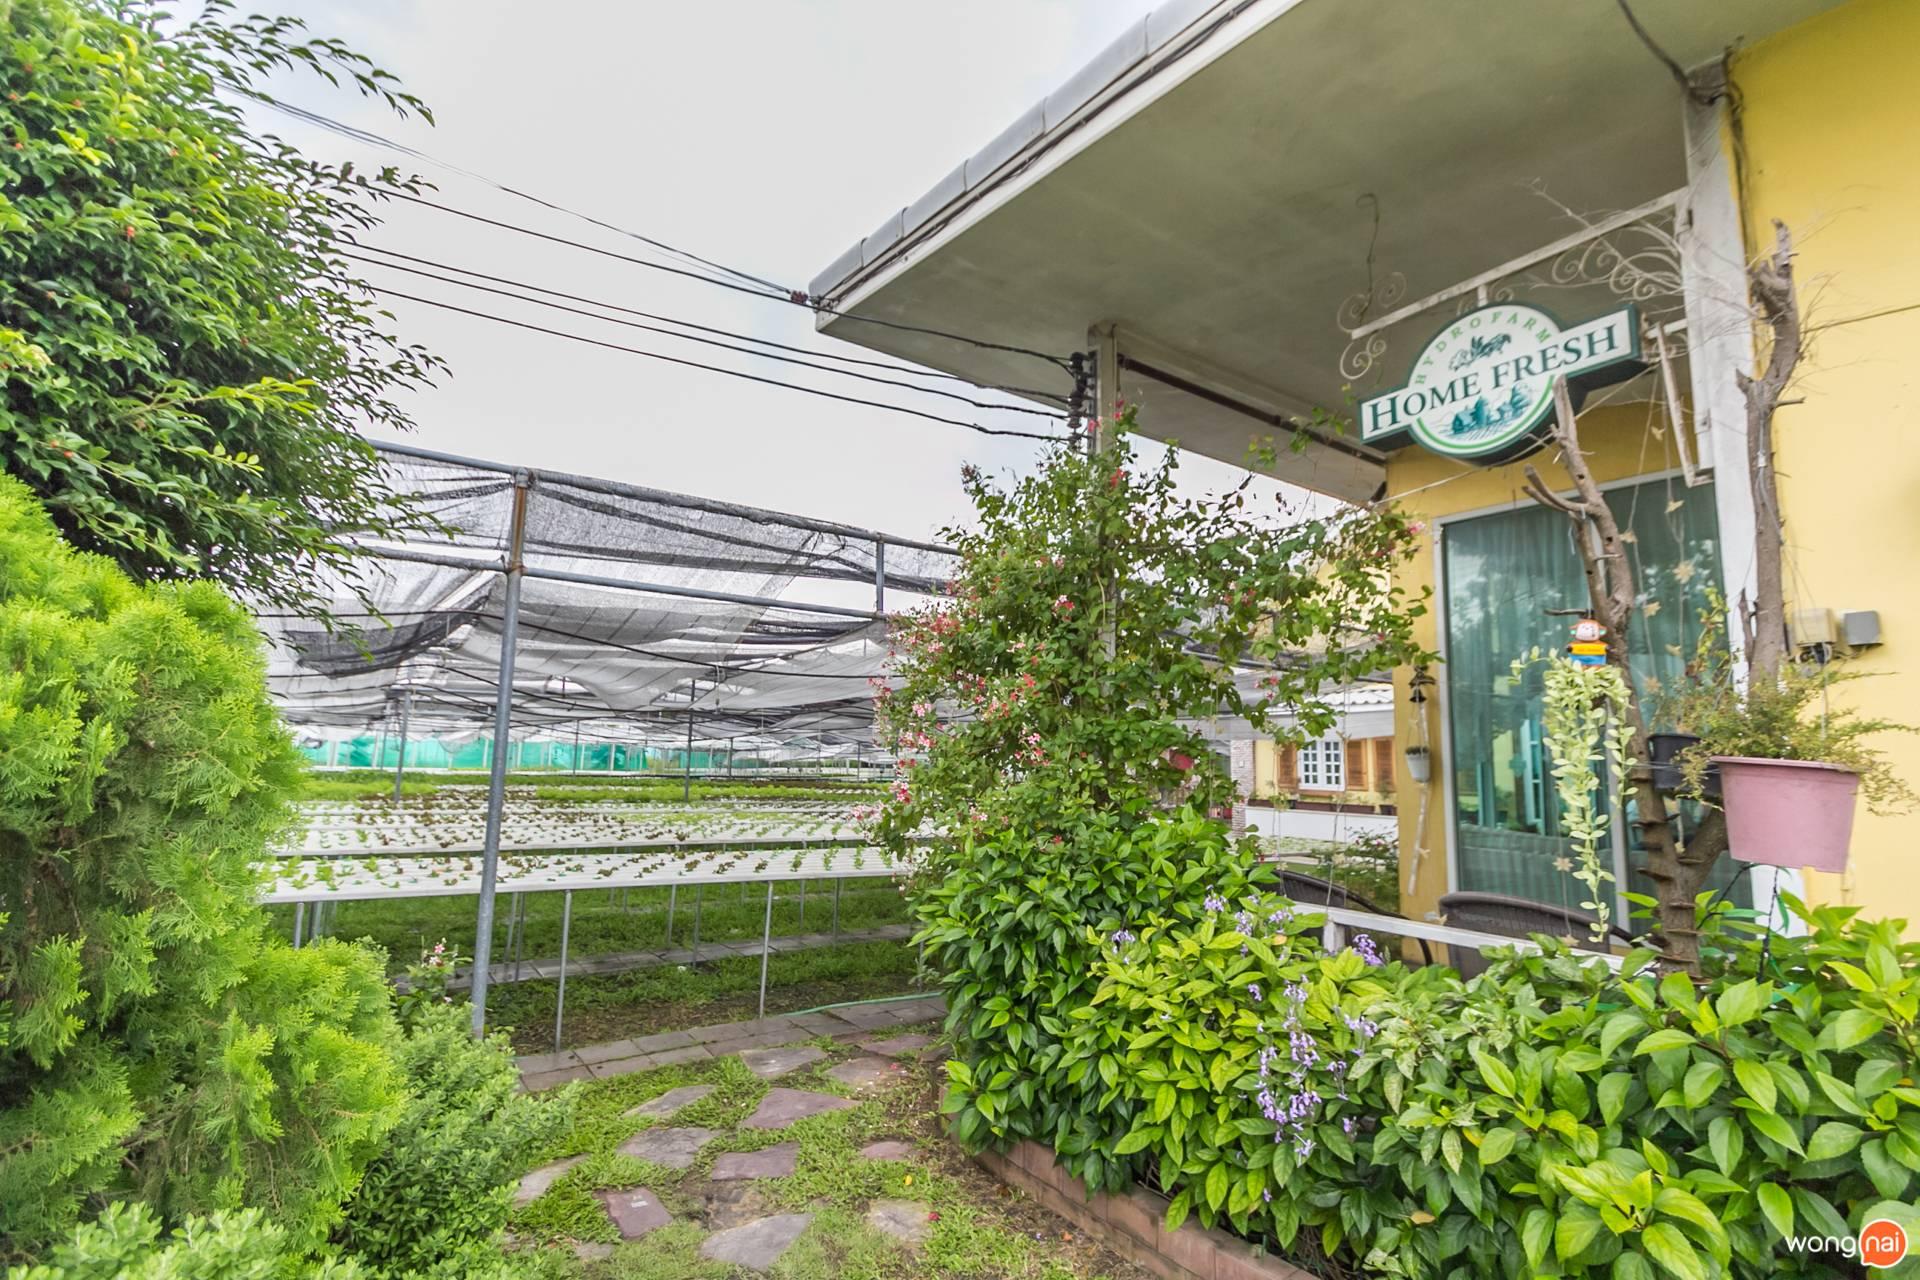 ร้านอาหาร Home Fresh Hydrofarm